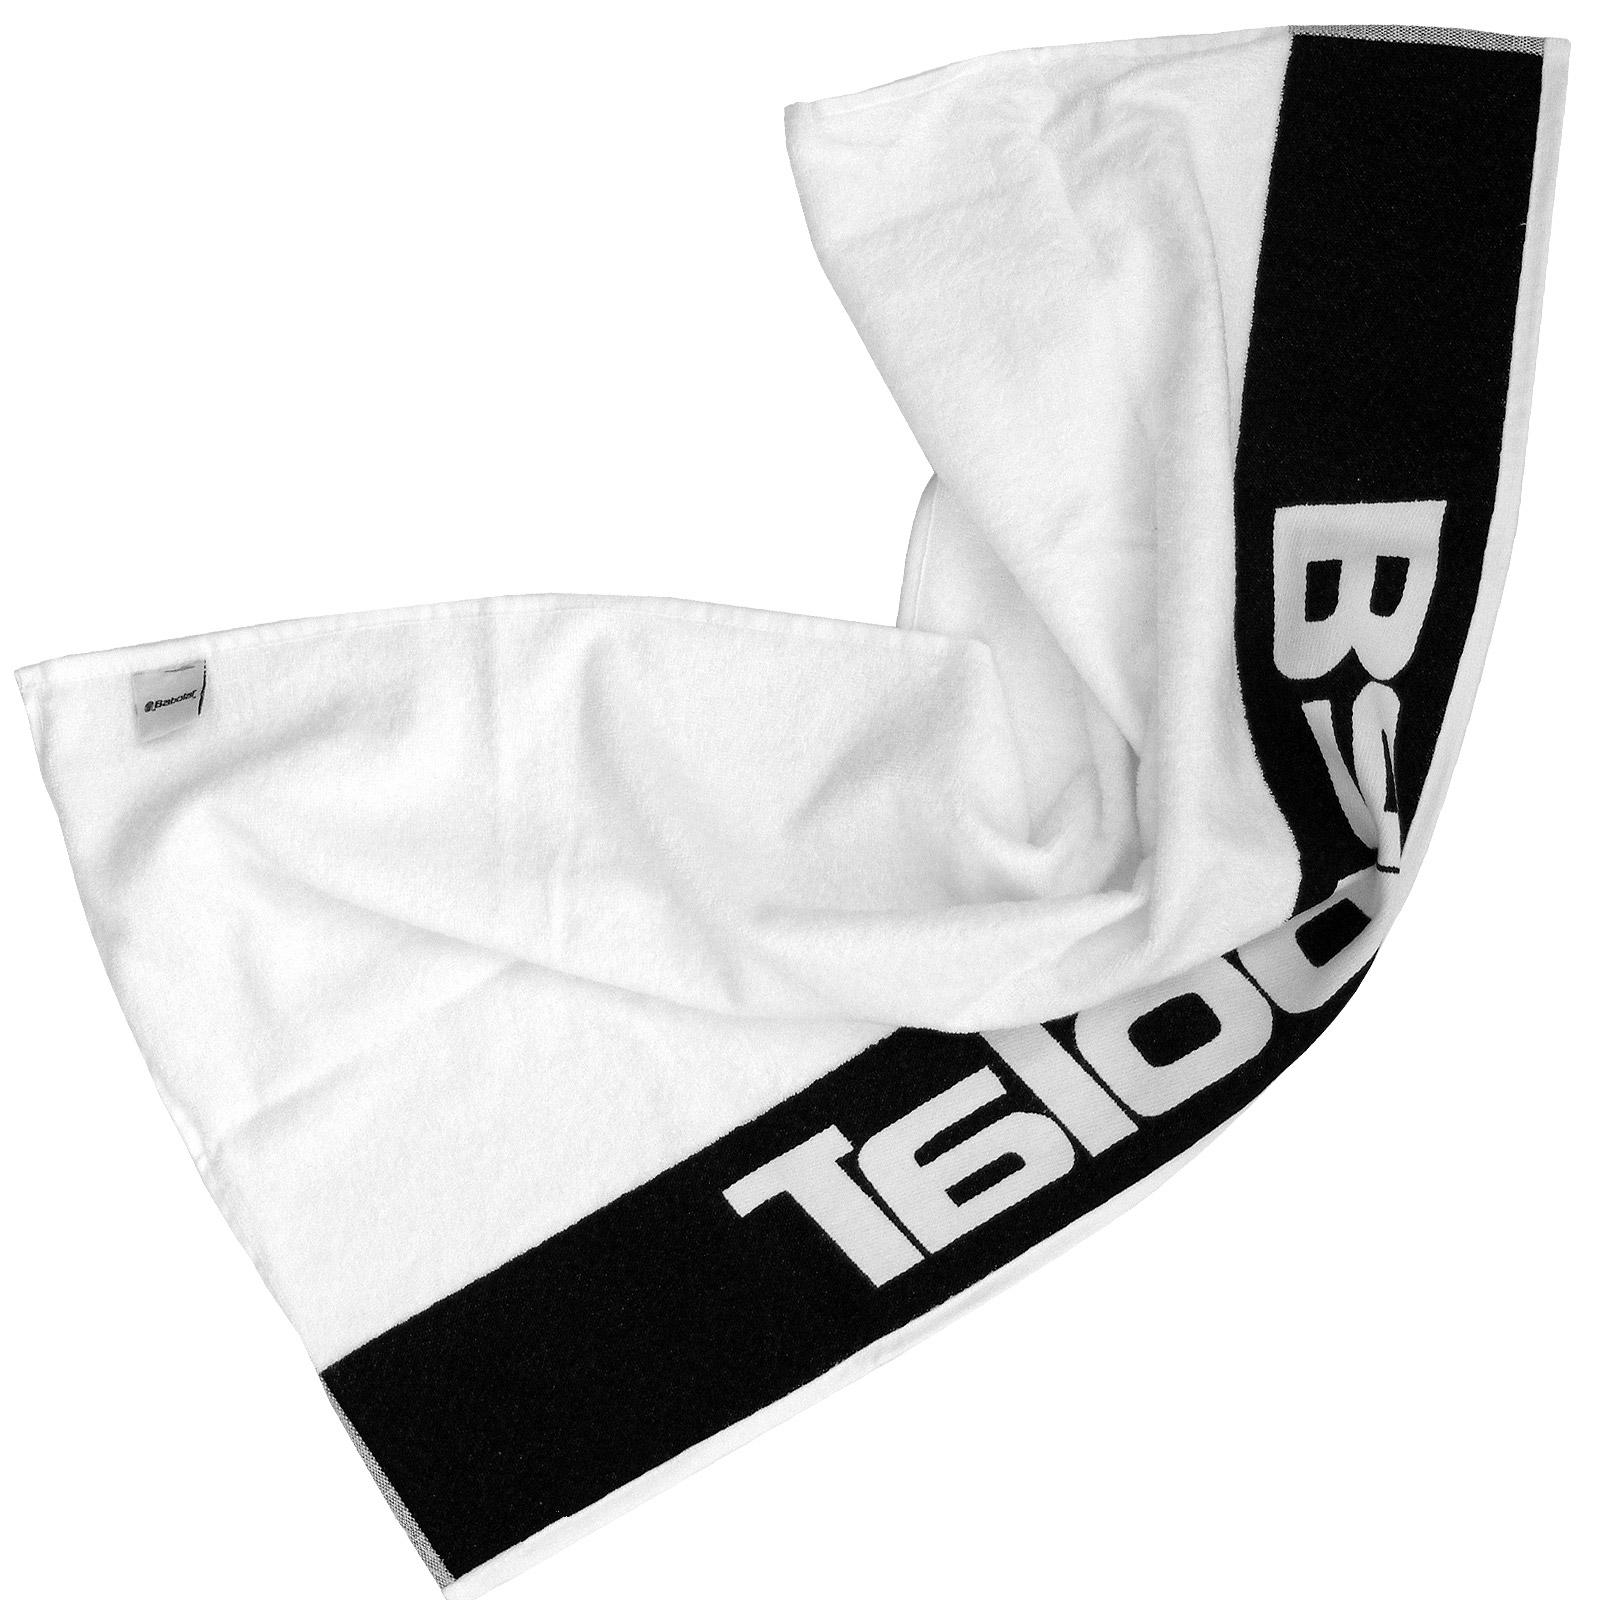 Babolat ručník 90x50 cm černý